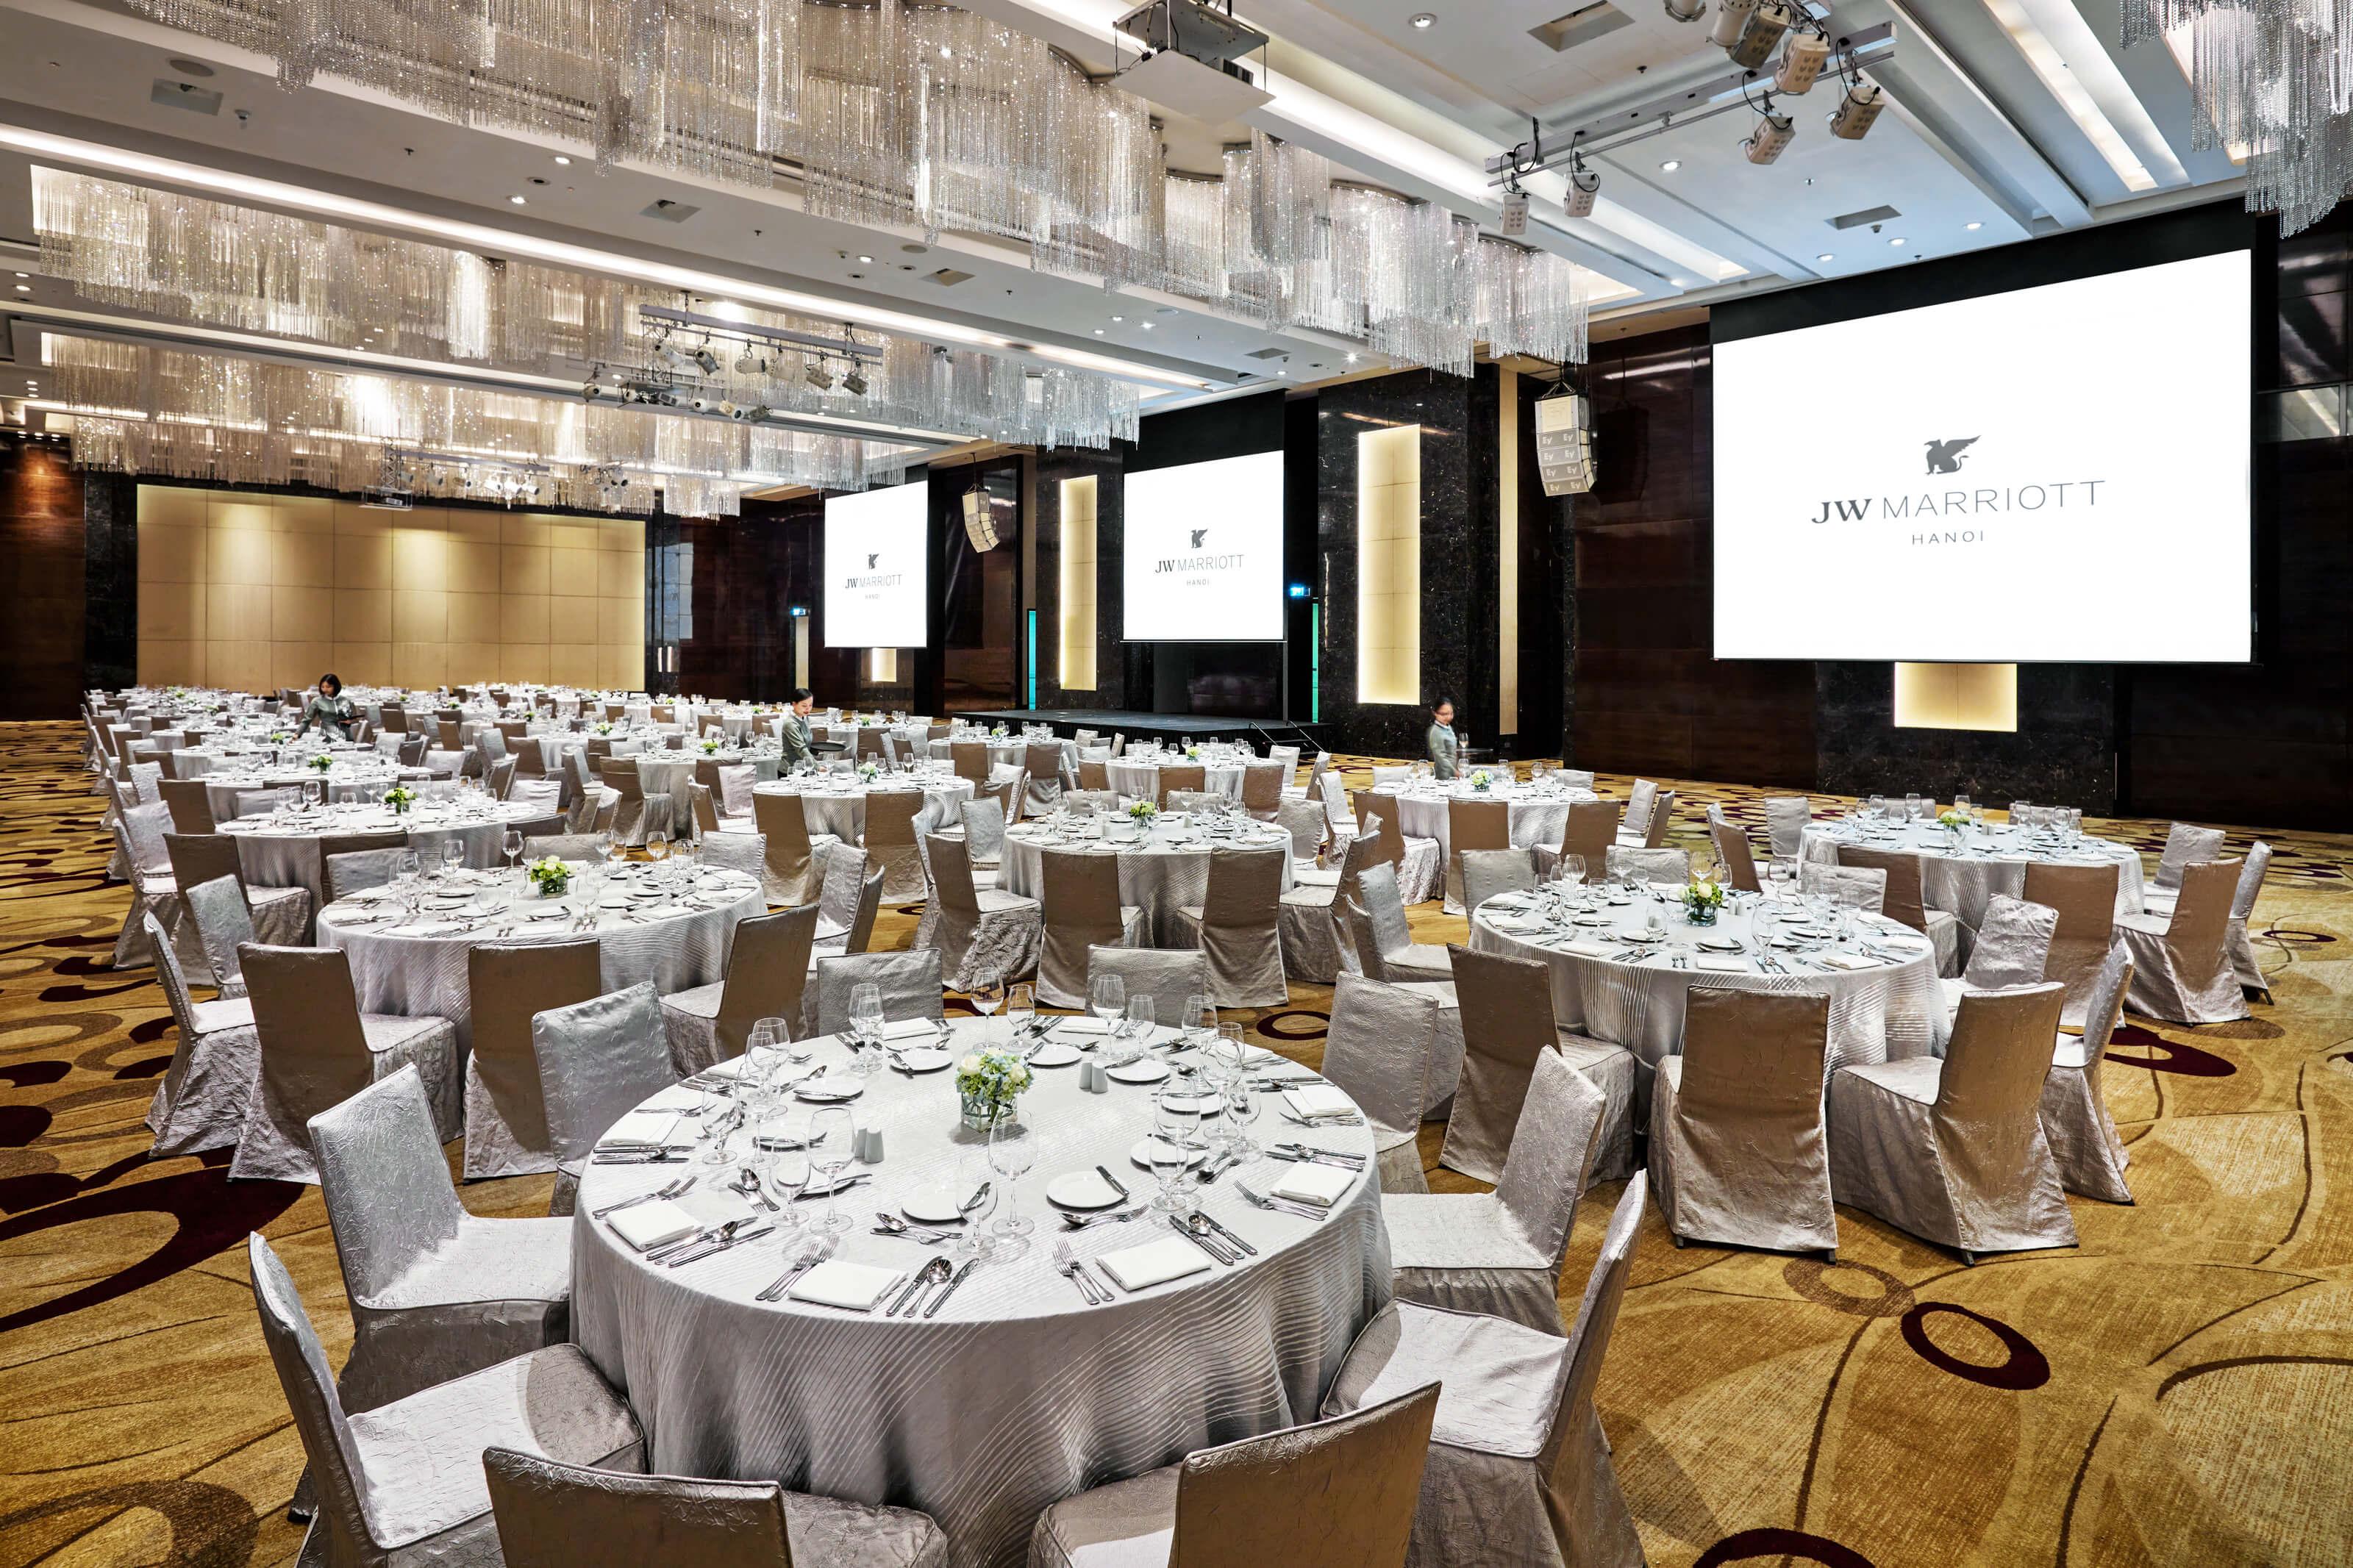 Grand Ballroom của JW Marriot Hanoi sức chứa lên đến 750 khách